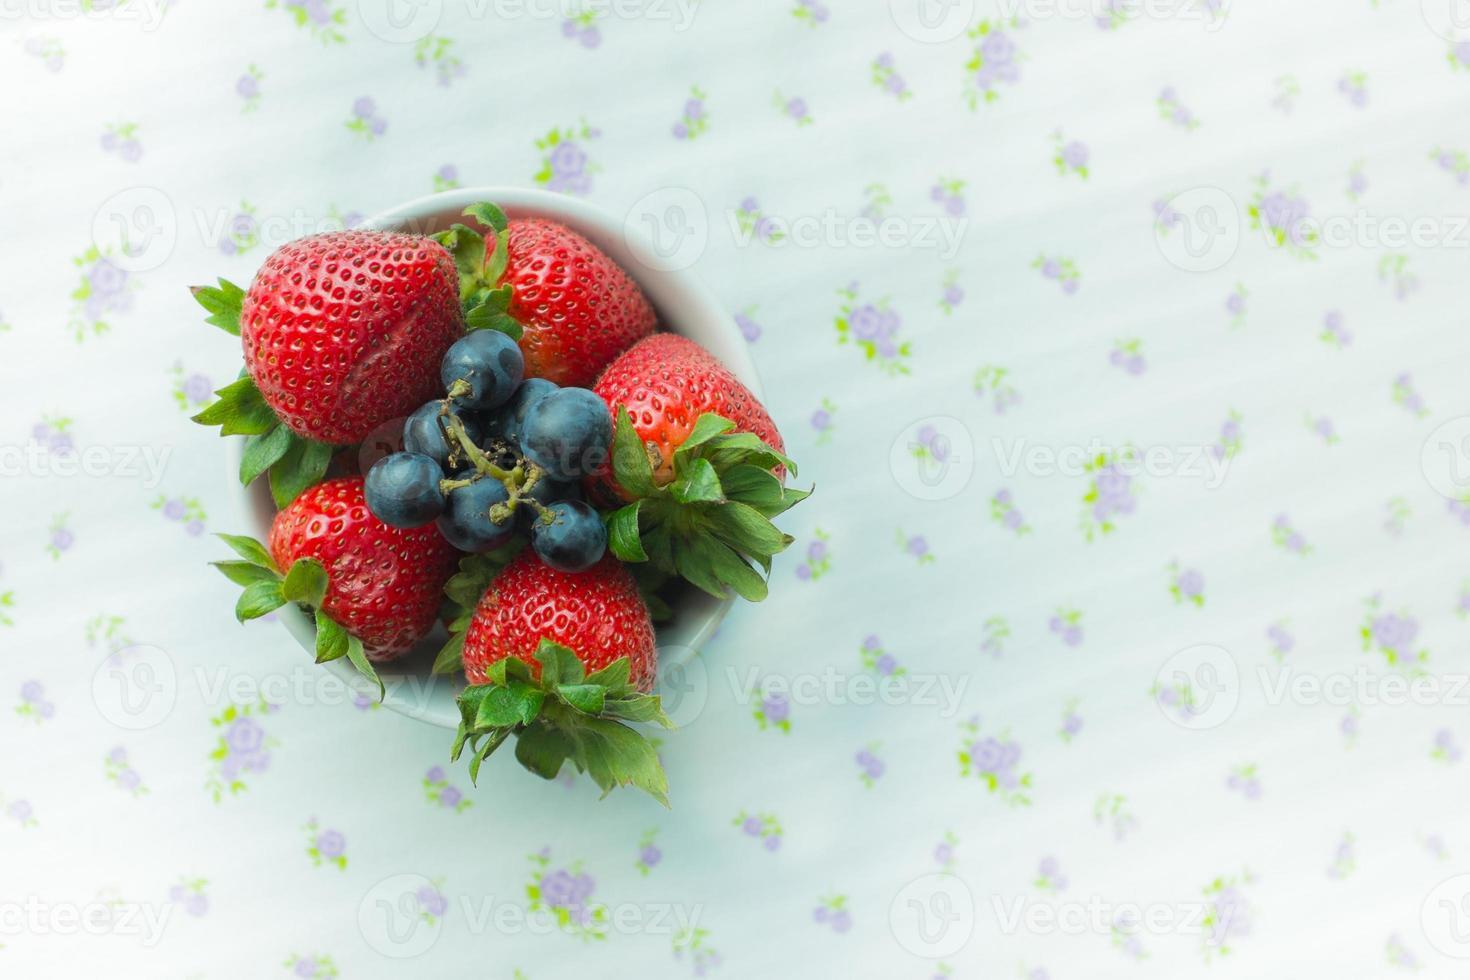 fraises et bleuets dans un bol photo